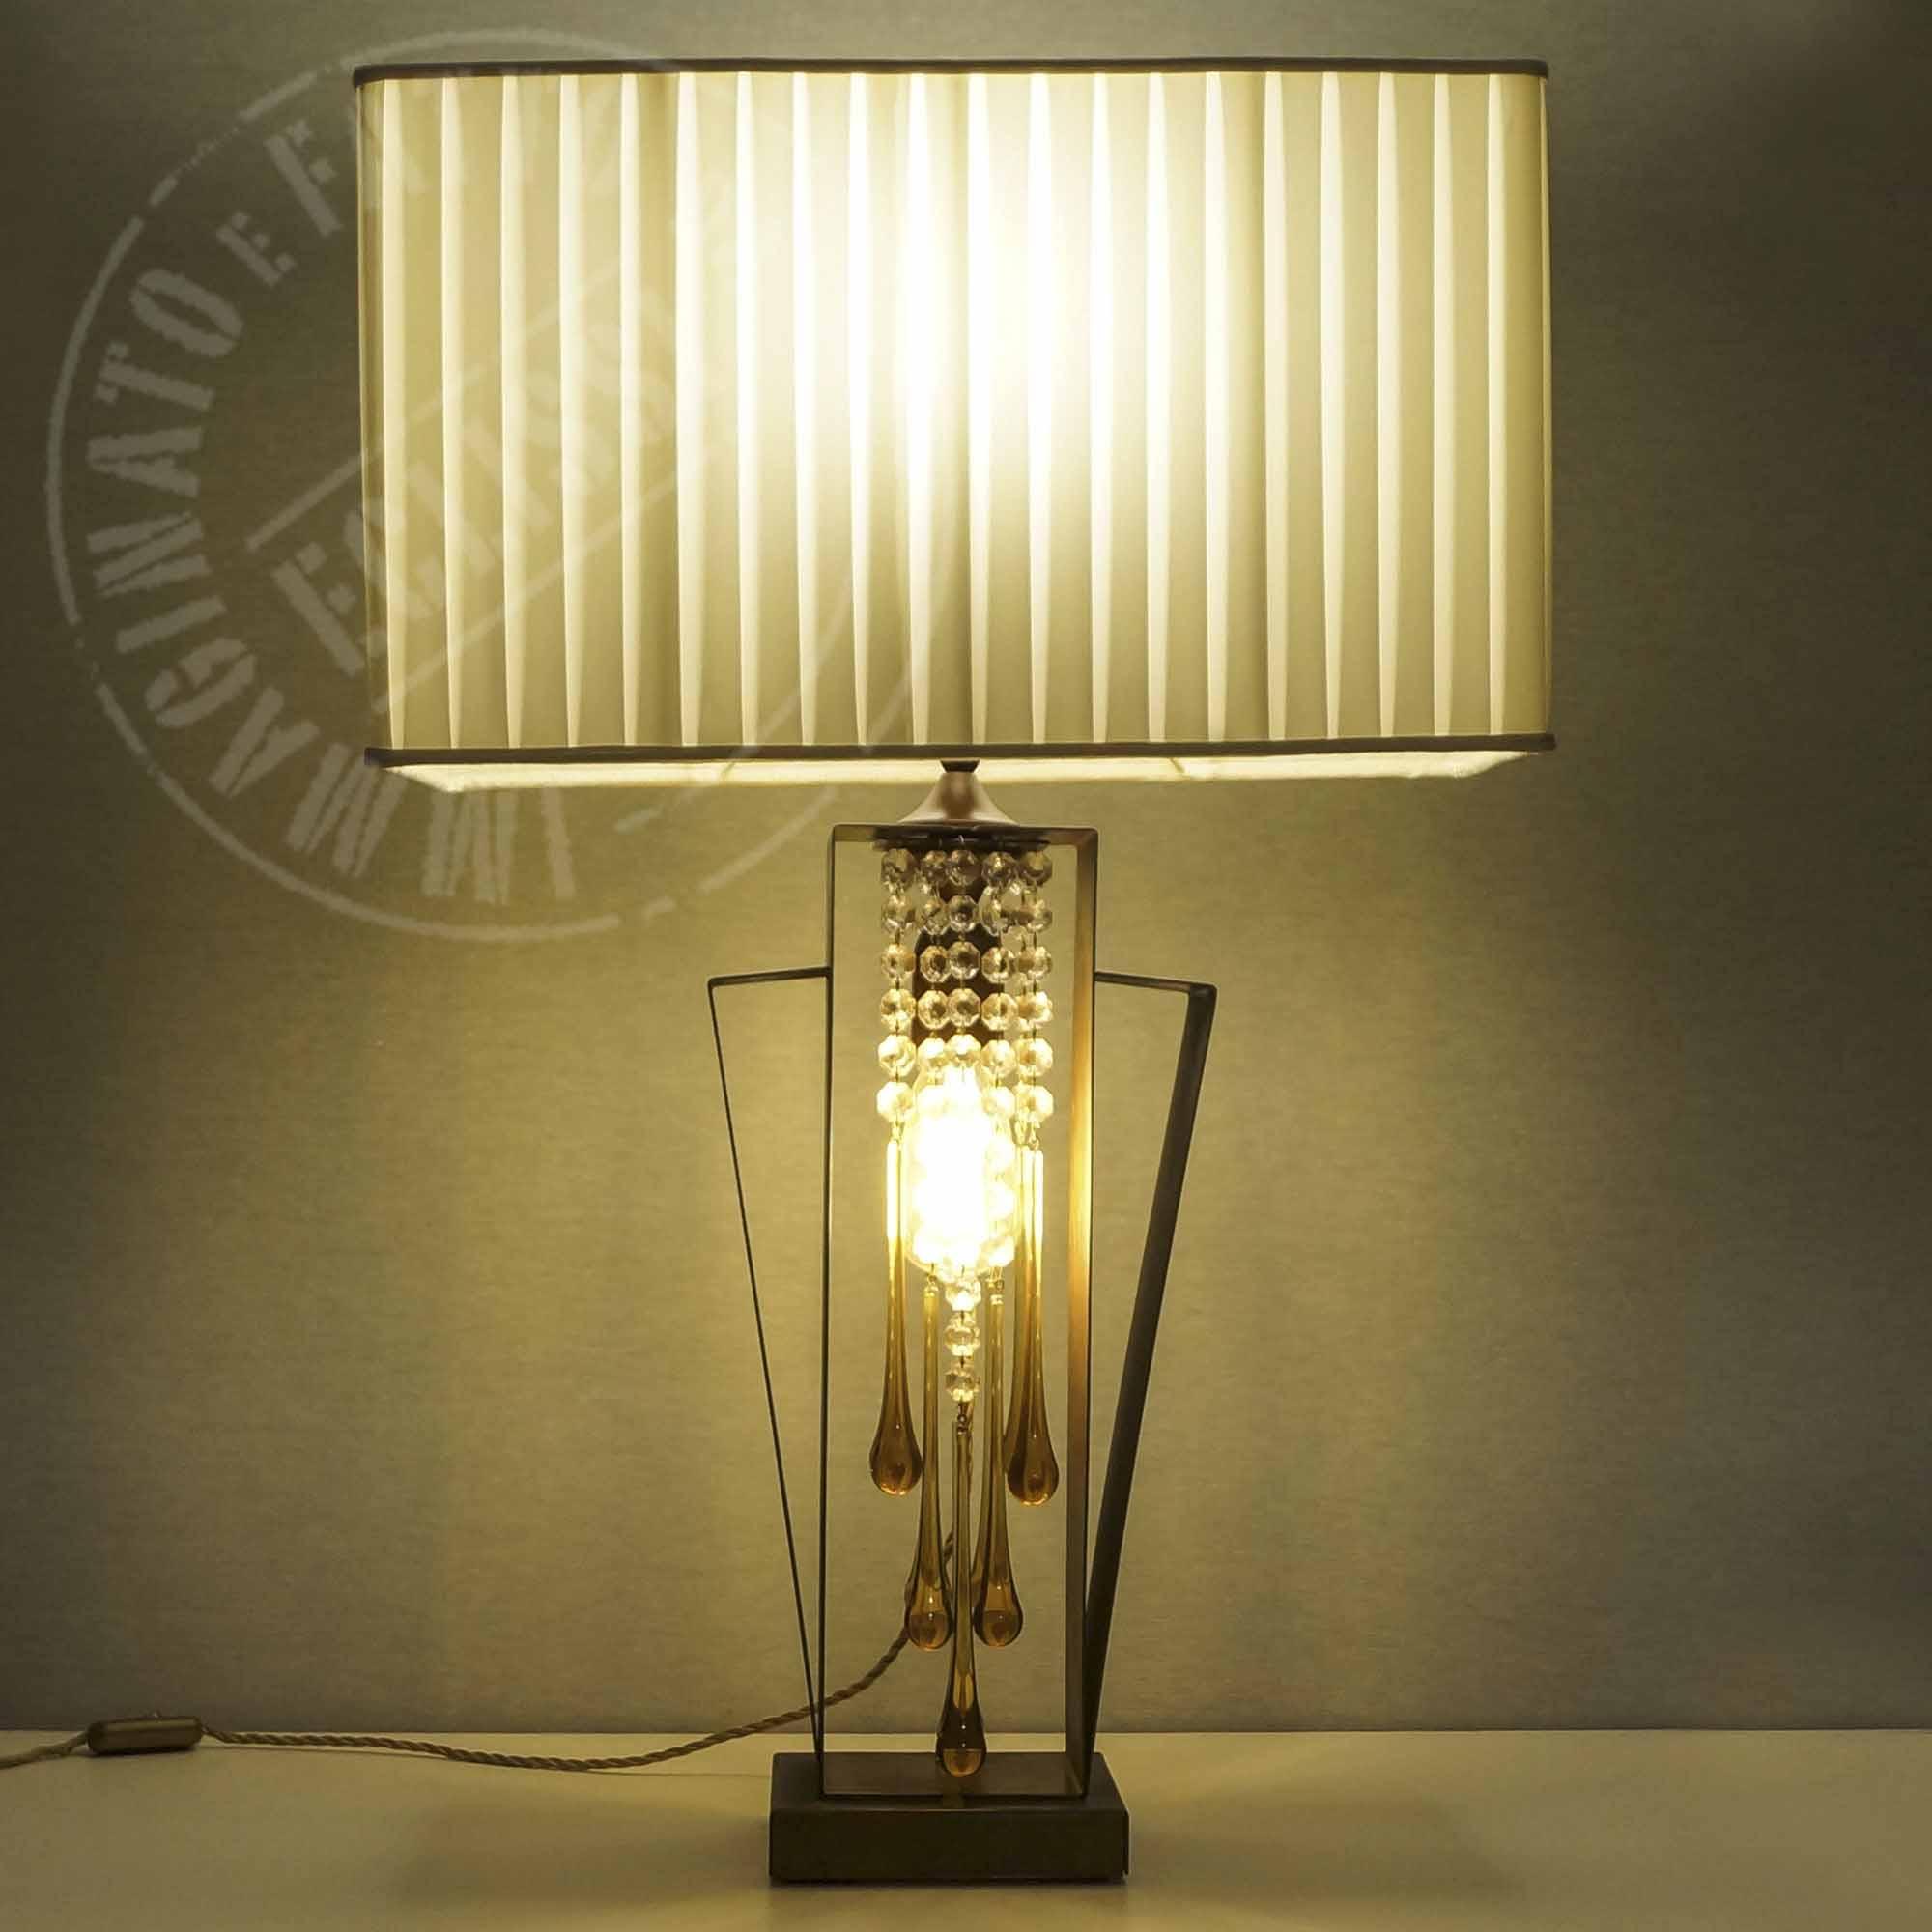 Lampada Ruggine con Paralume e gocce di vetro